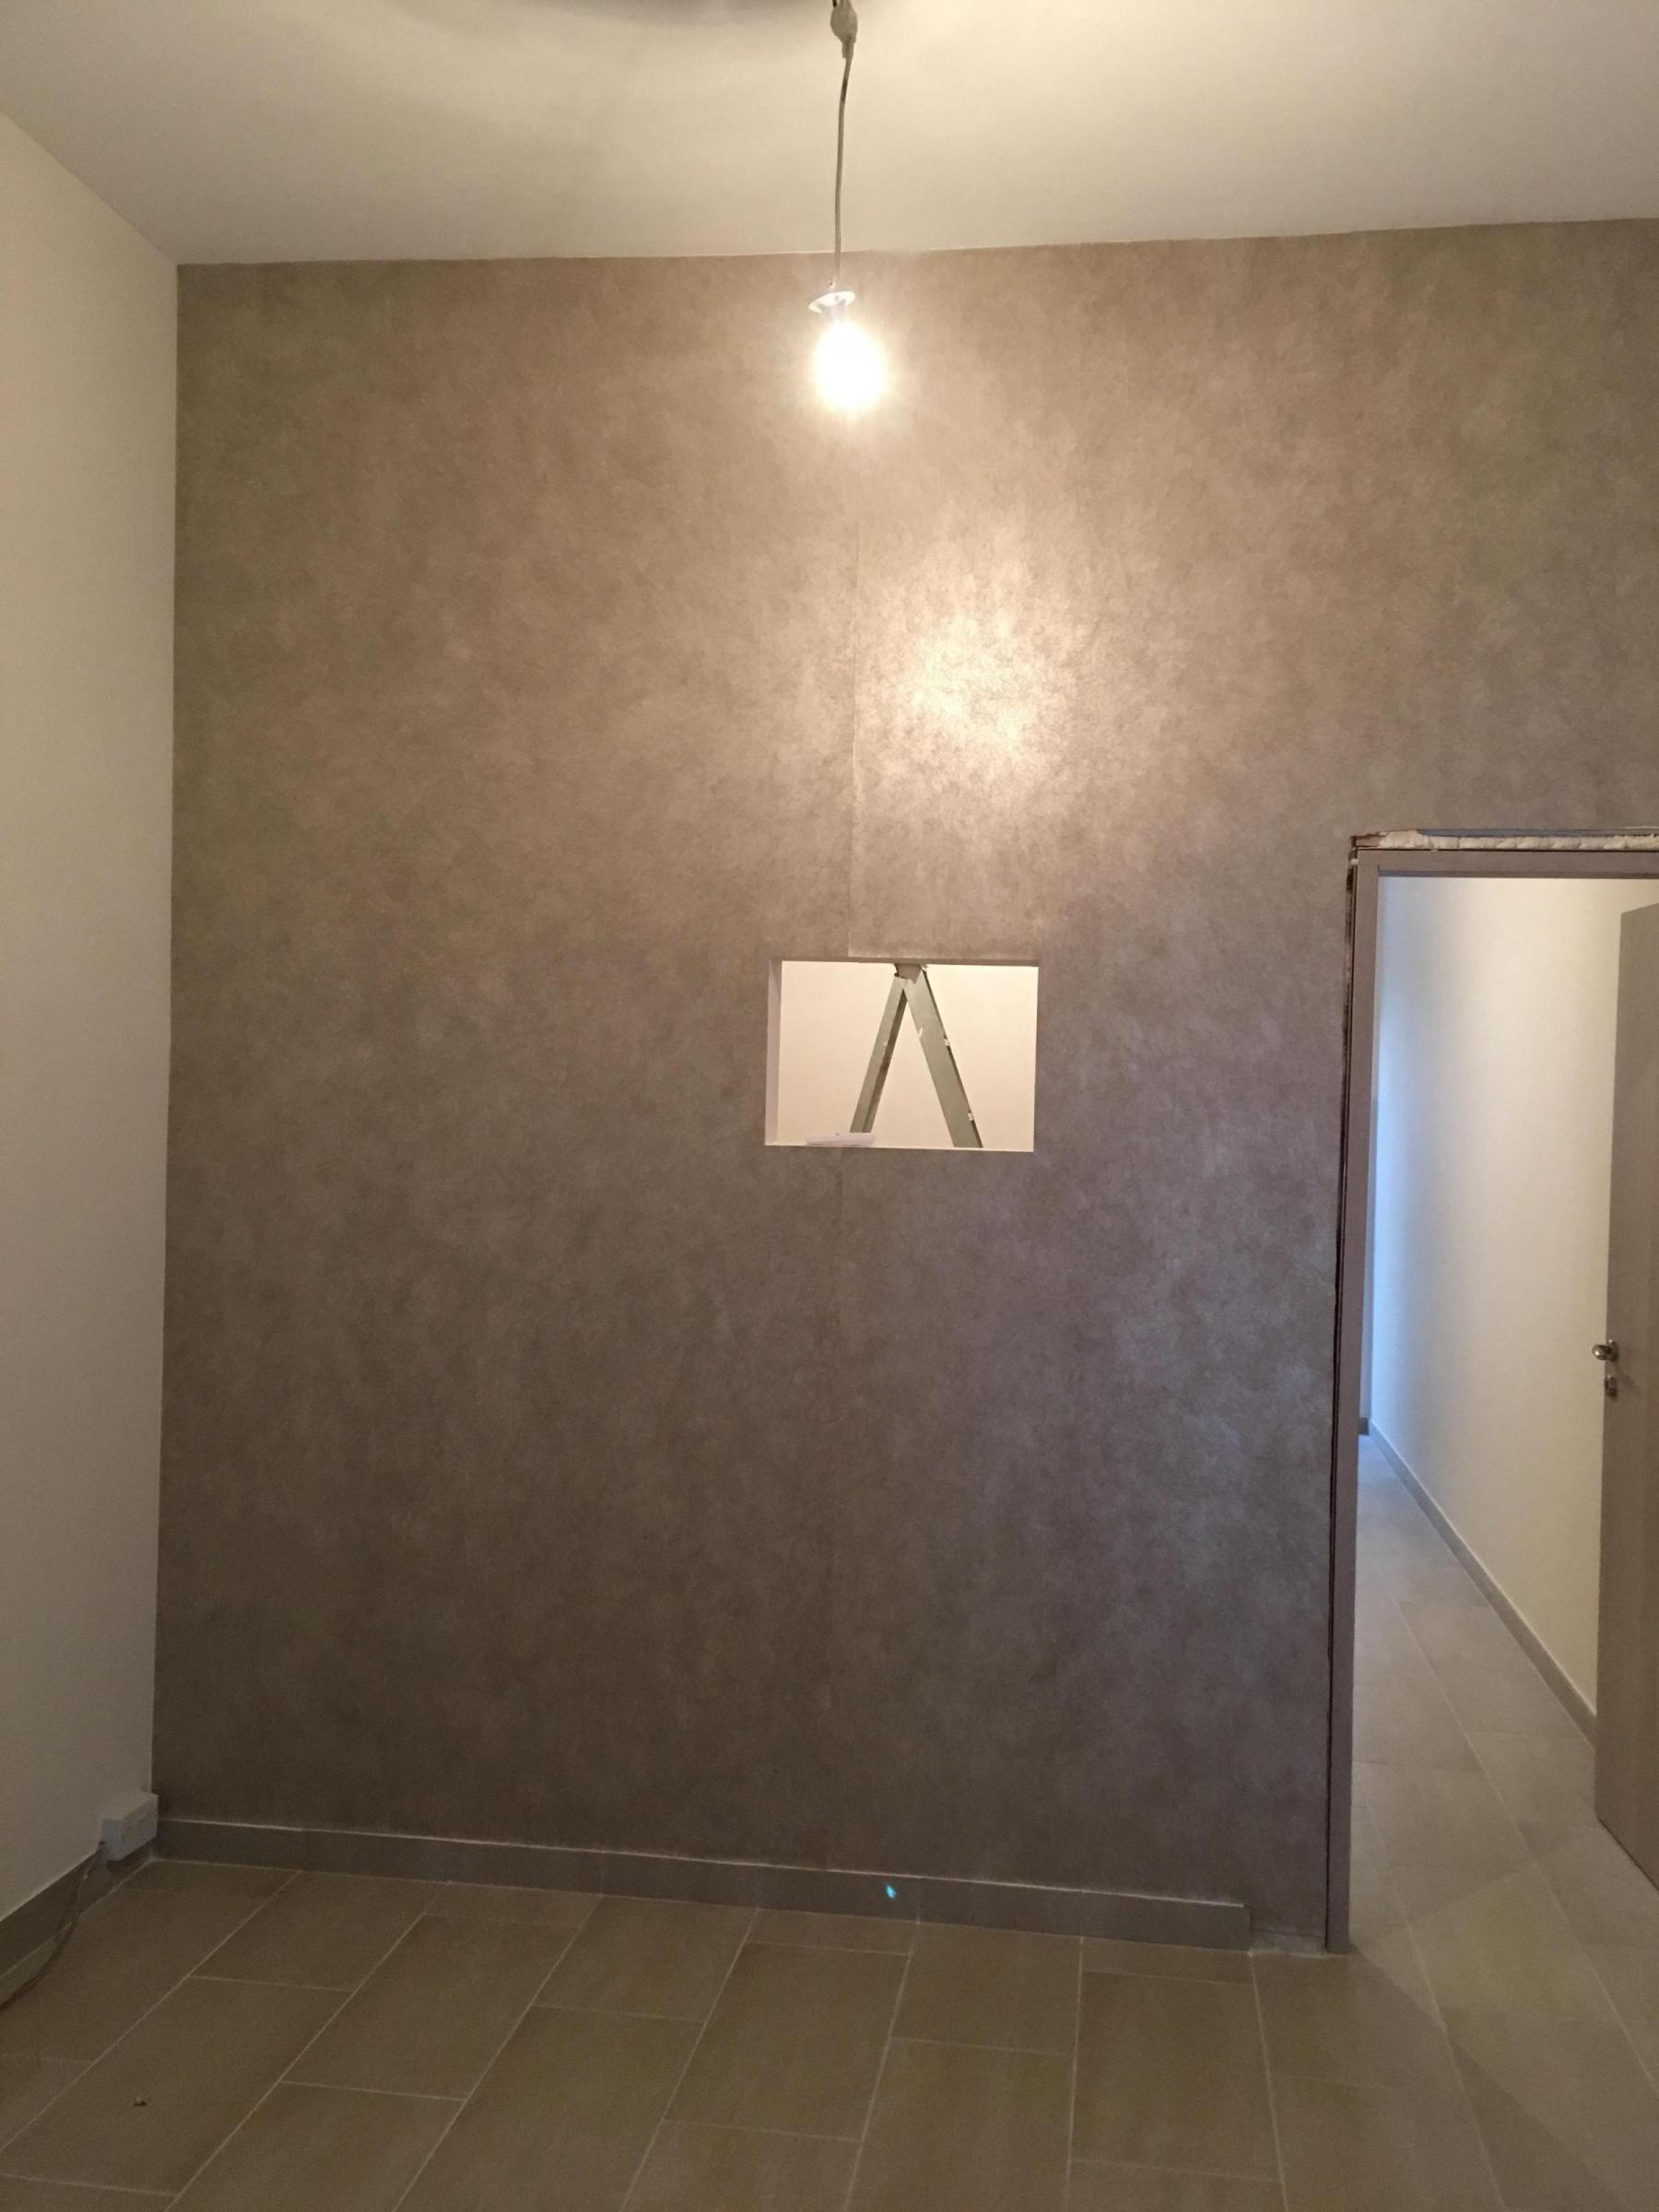 Need Help Decorating Pet Salon-c6c4ea3b-0d68-4d3d-b69f-55aa1675fcd3_1565806182630.jpg